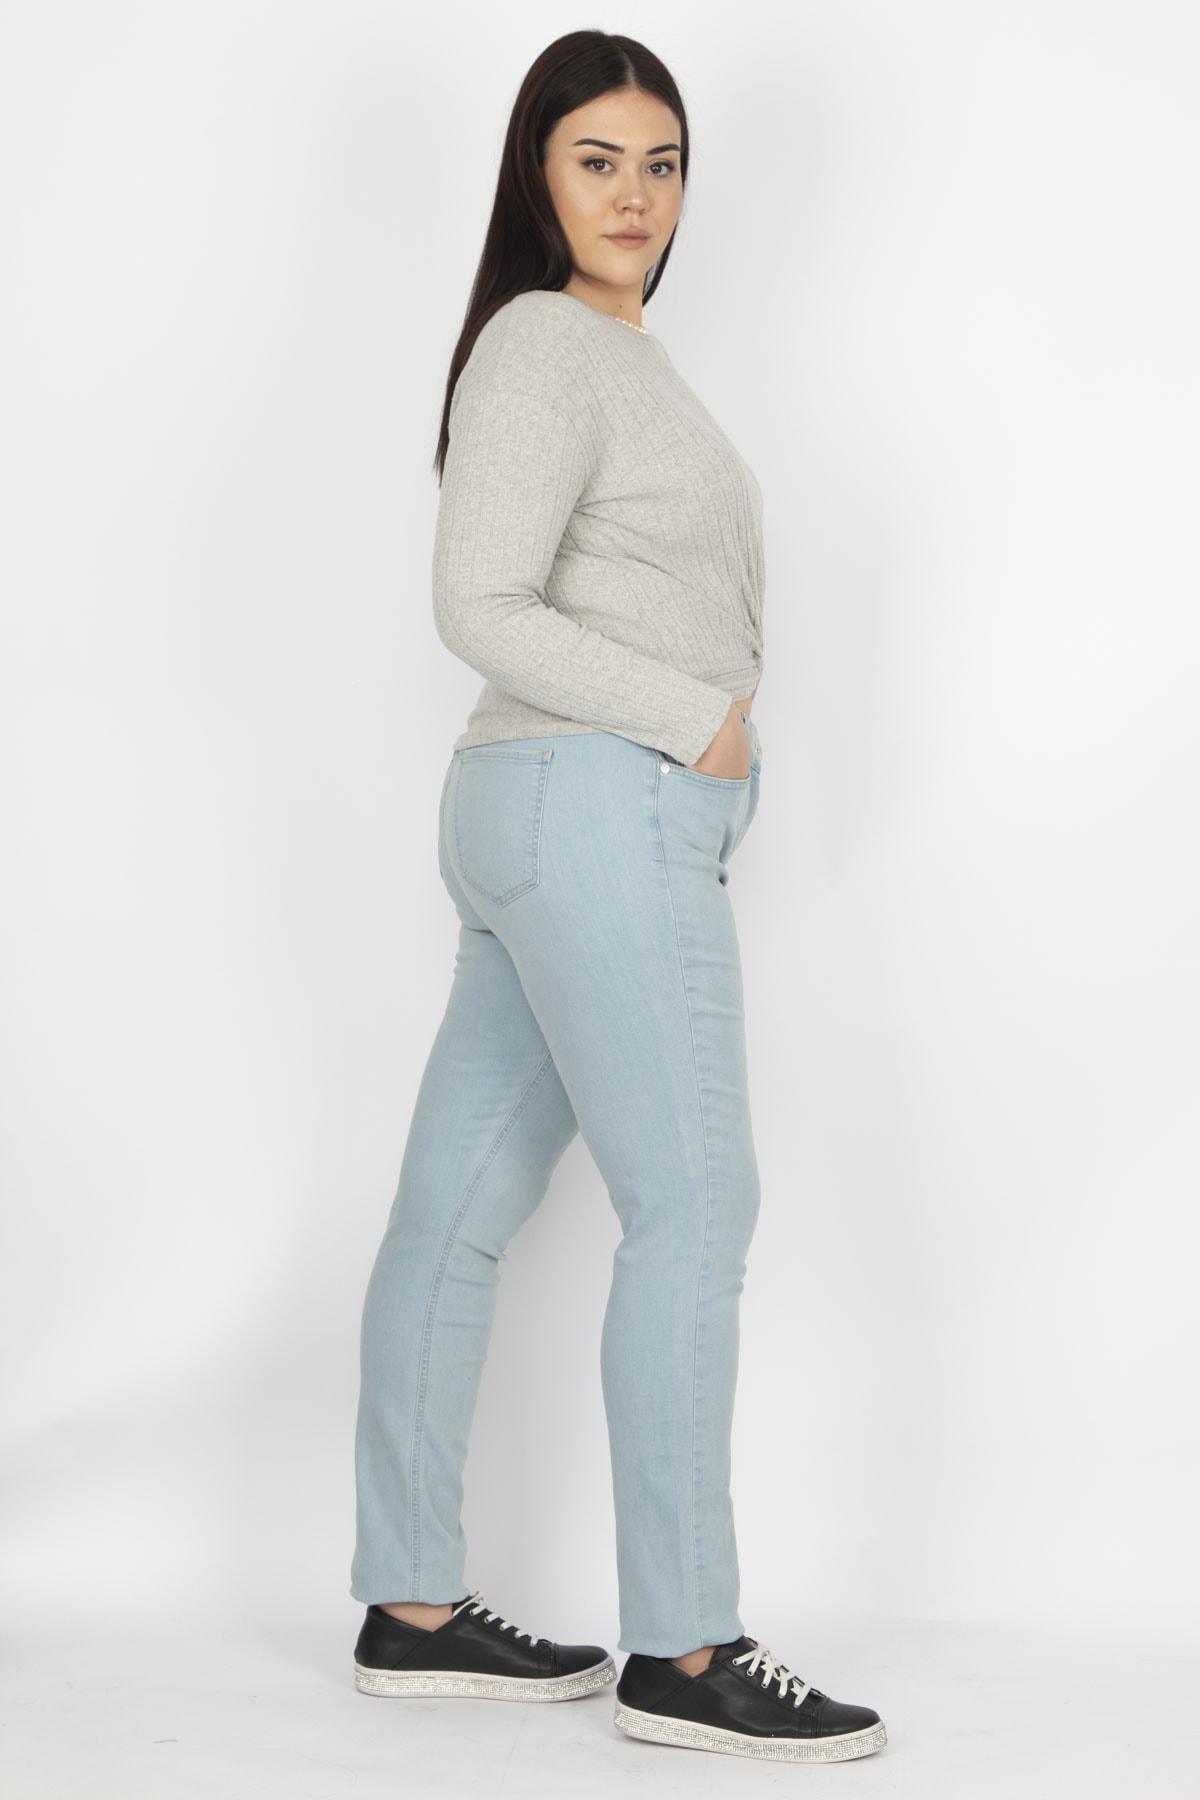 Şans Kadın Mavi Likralı Gabardin Kumaş 5 Cepli Pantolon 65N19451 1